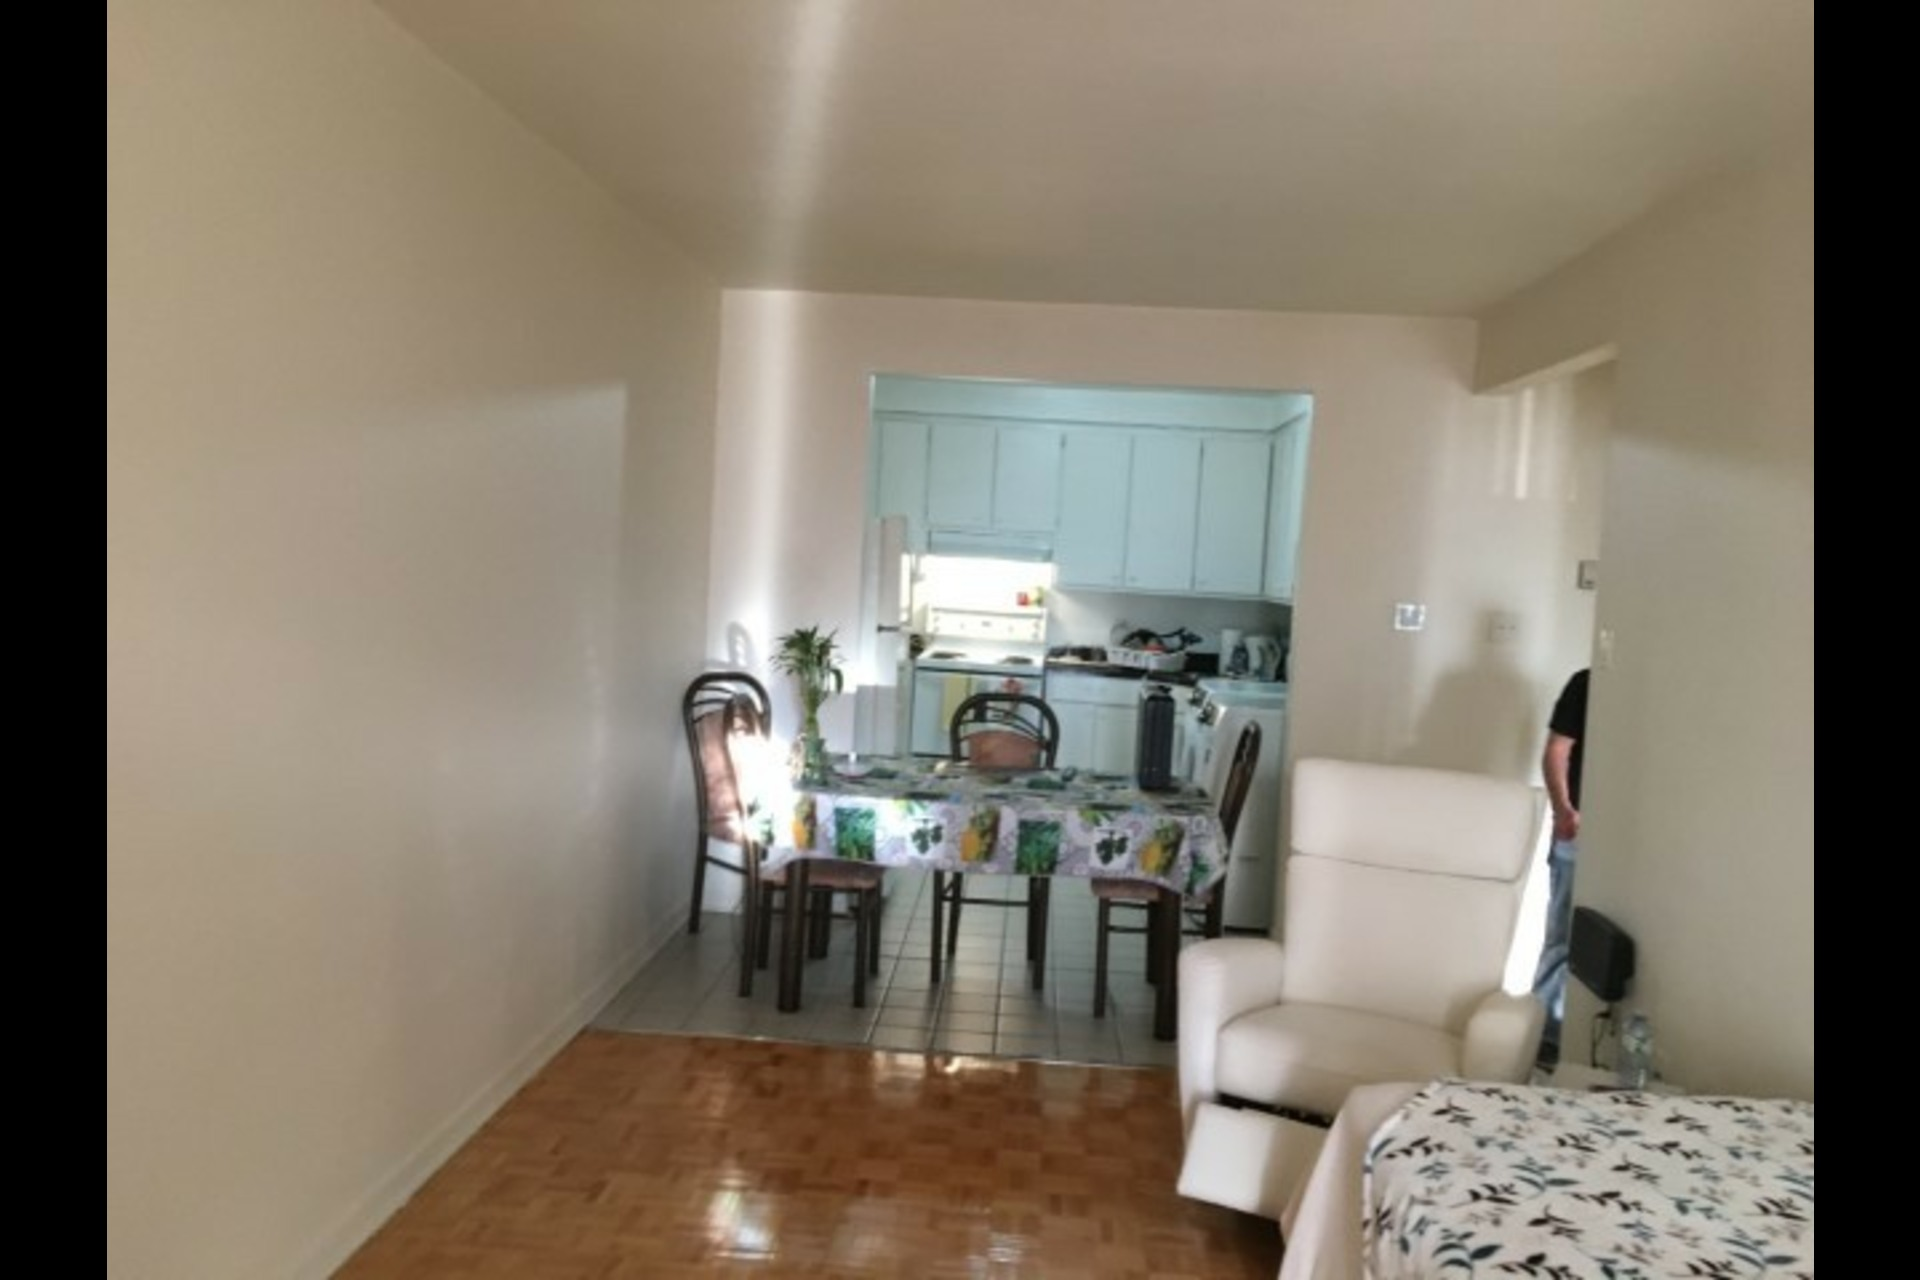 image 5 - Appartement À louer Montréal Saint-Leonard - 3 pièces